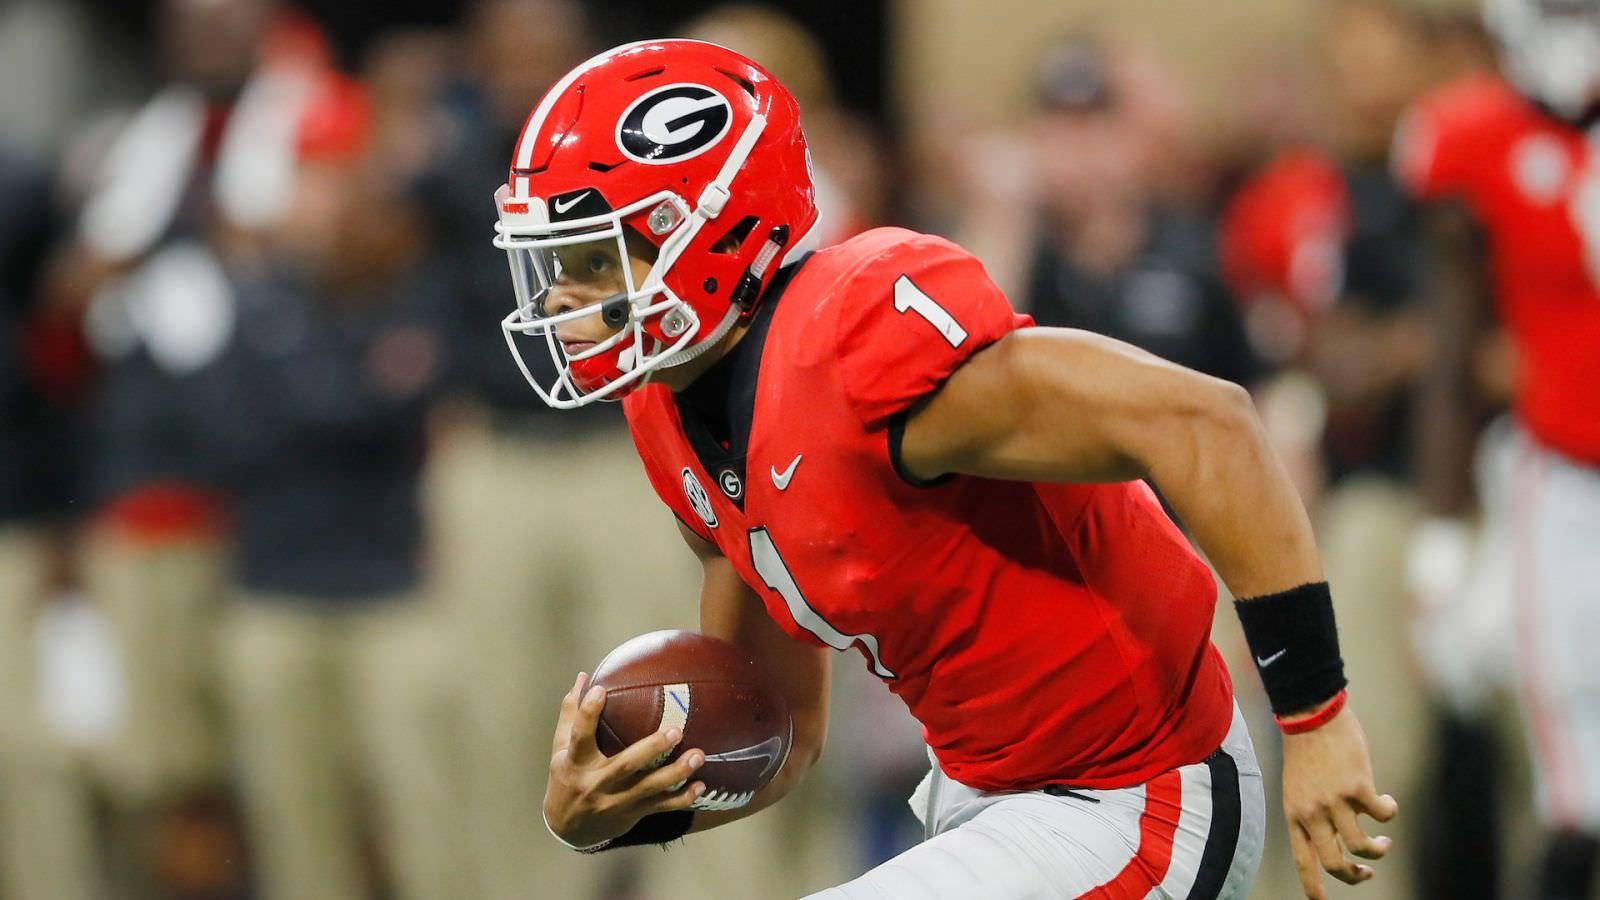 Então, quem será o quarterback do estado de Ohio na próxima temporada?